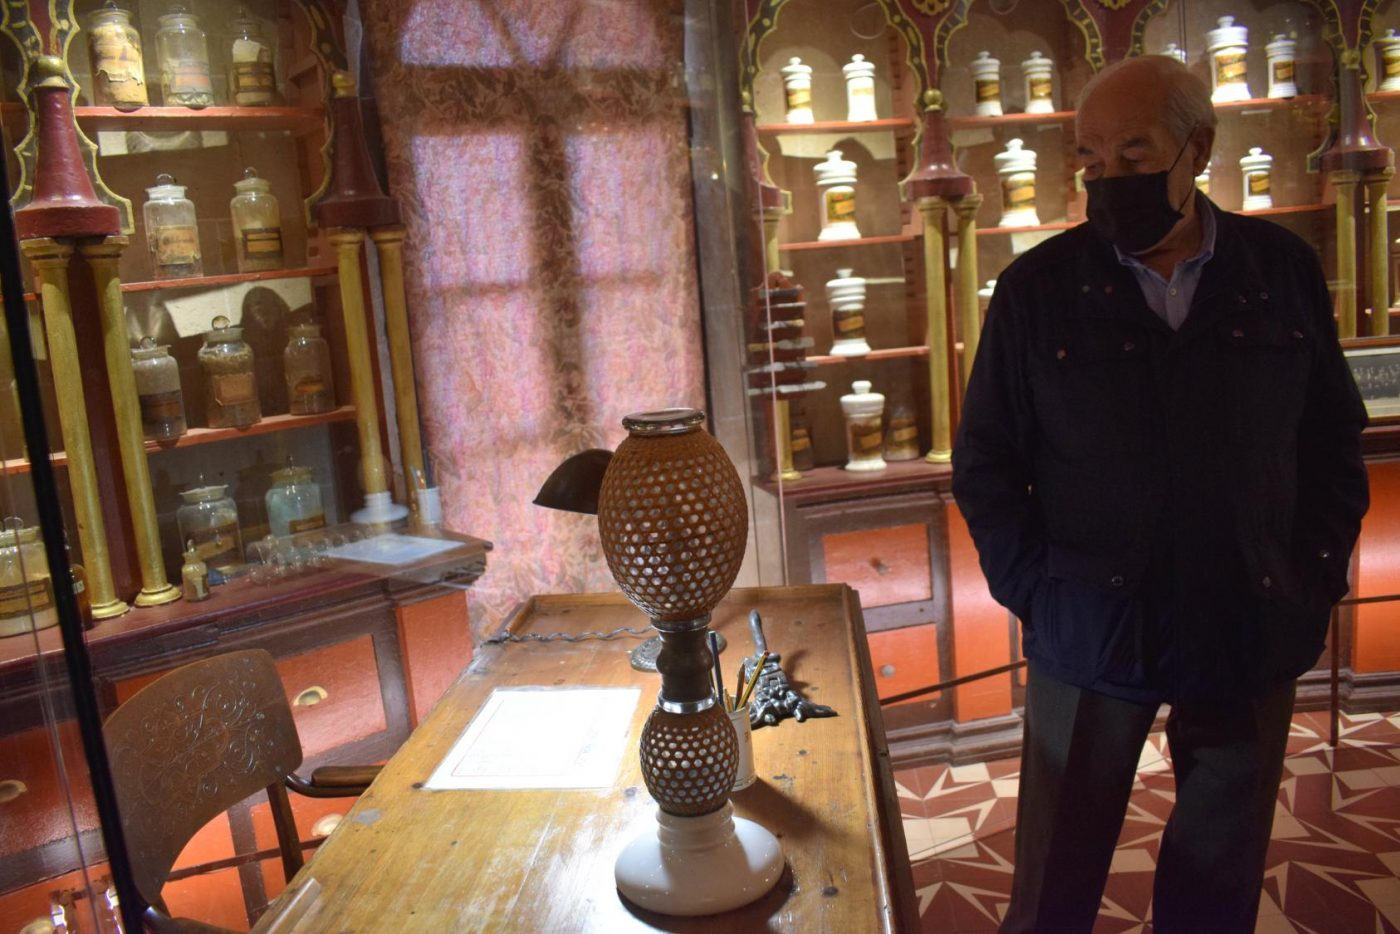 La antigua botica de Briones se muda a la ermita 1